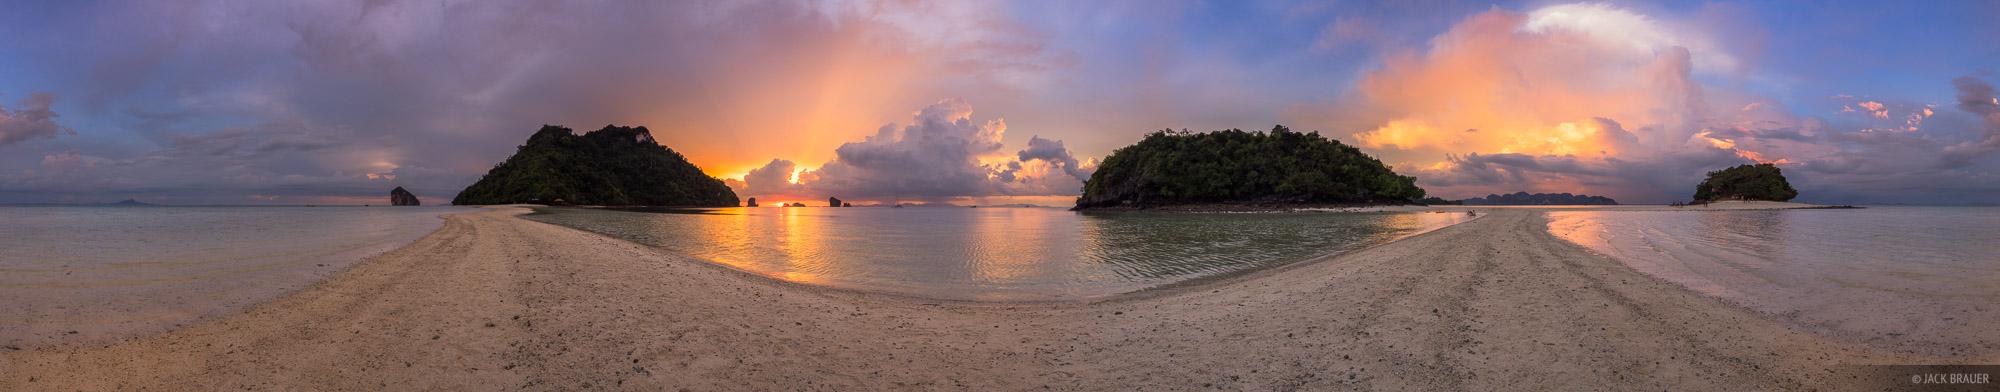 Thailand, Tup Island, Andaman Sea, beach, Ao Nang, panorama, photo